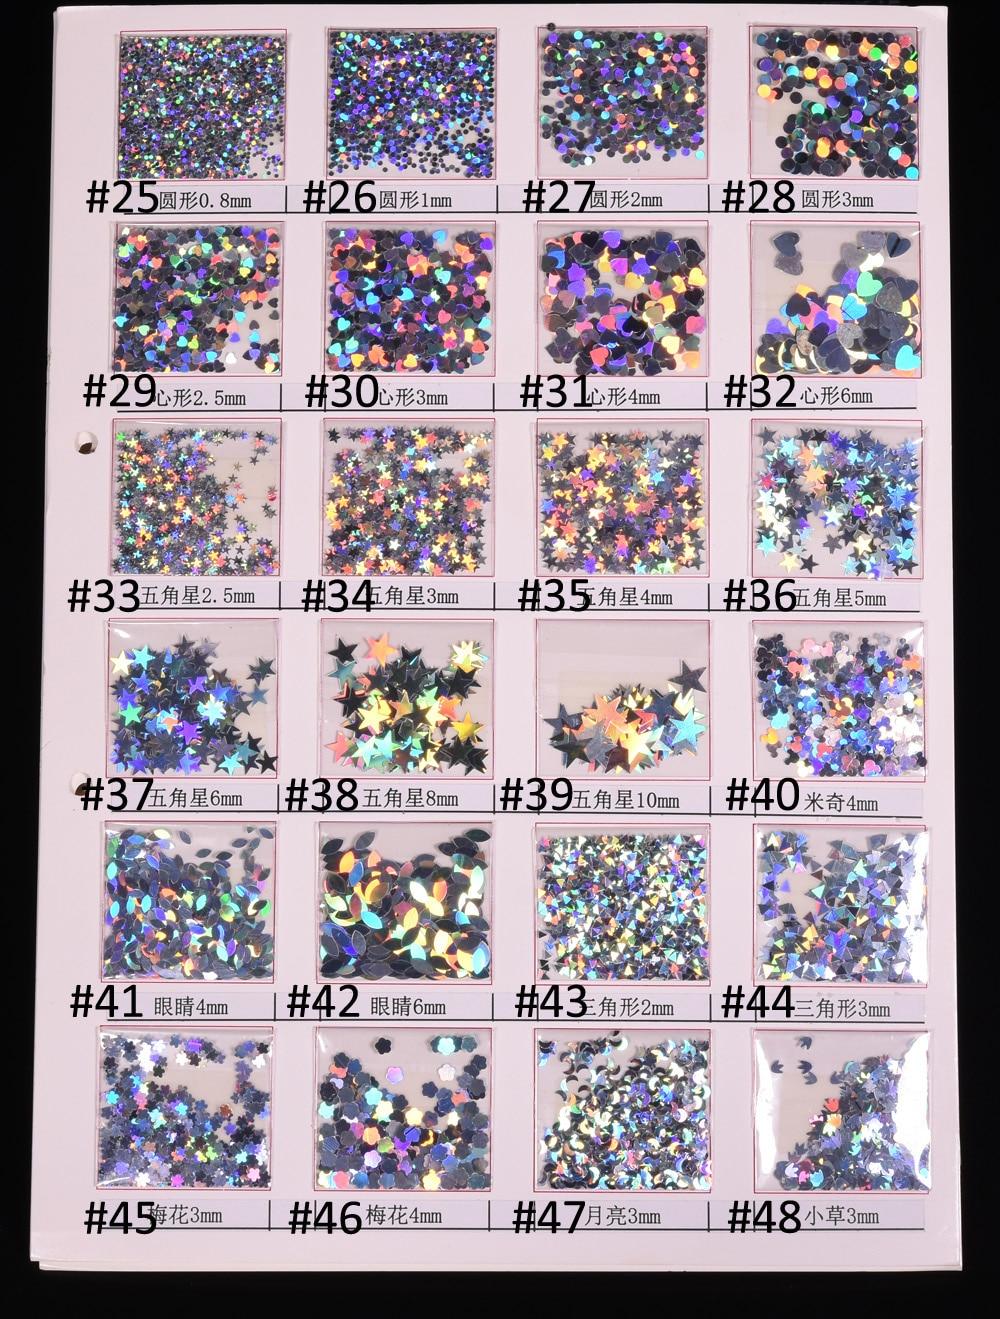 FäHig 1000g/usd74.2 Silber Chunky Holographische Mix Sparkly 48 Stile Glitter Neue Regenbogen Handwerk Haar Gesicht Körper Nagel Glitter Nails Art & Werkzeuge